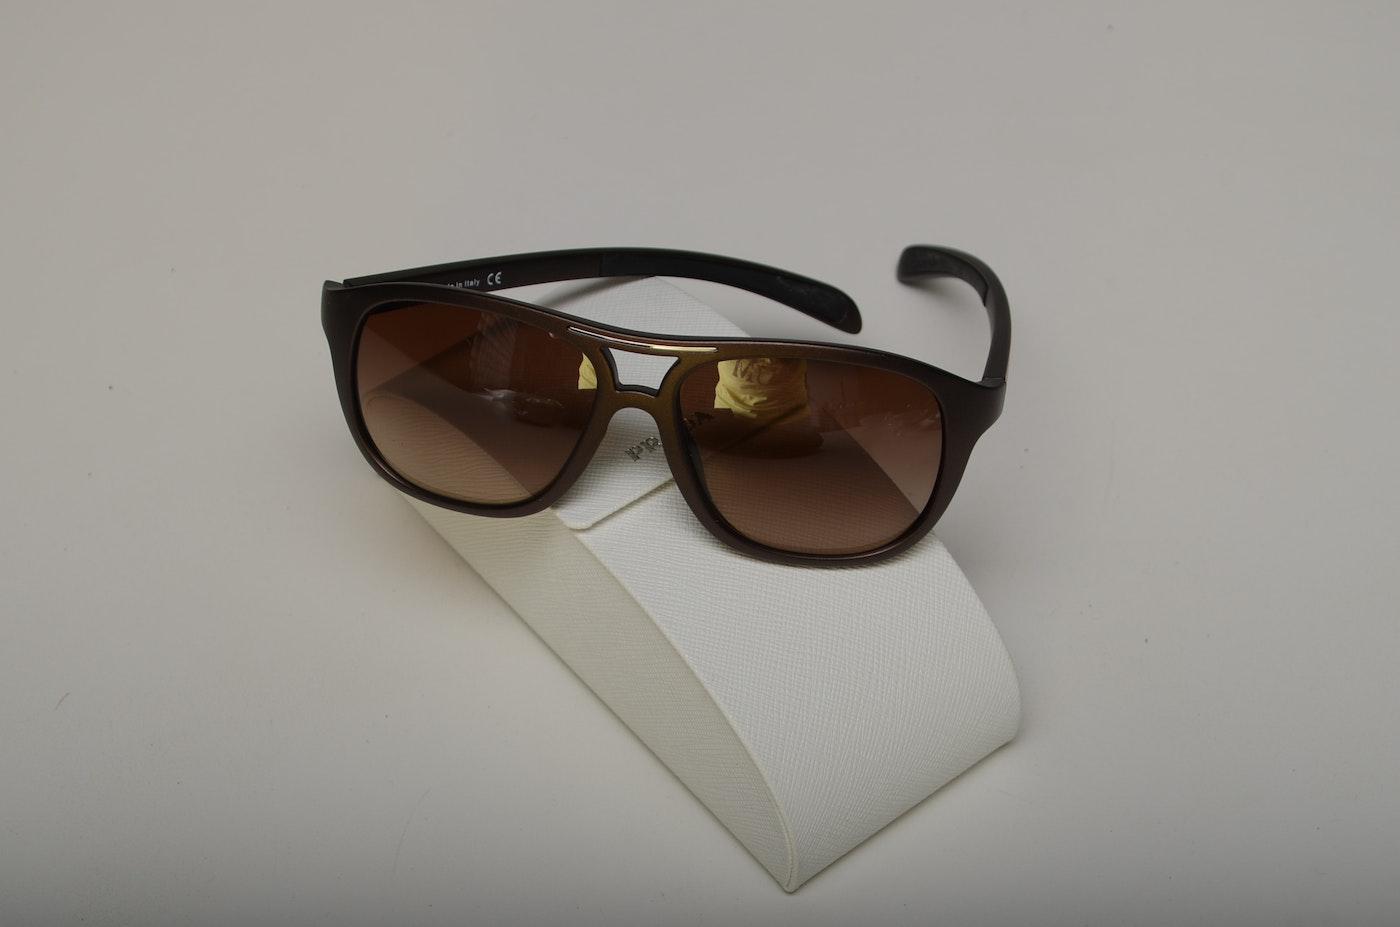 84a587b08f57 Women  39 s Prada Sport Sunglasses with Case   EBTH